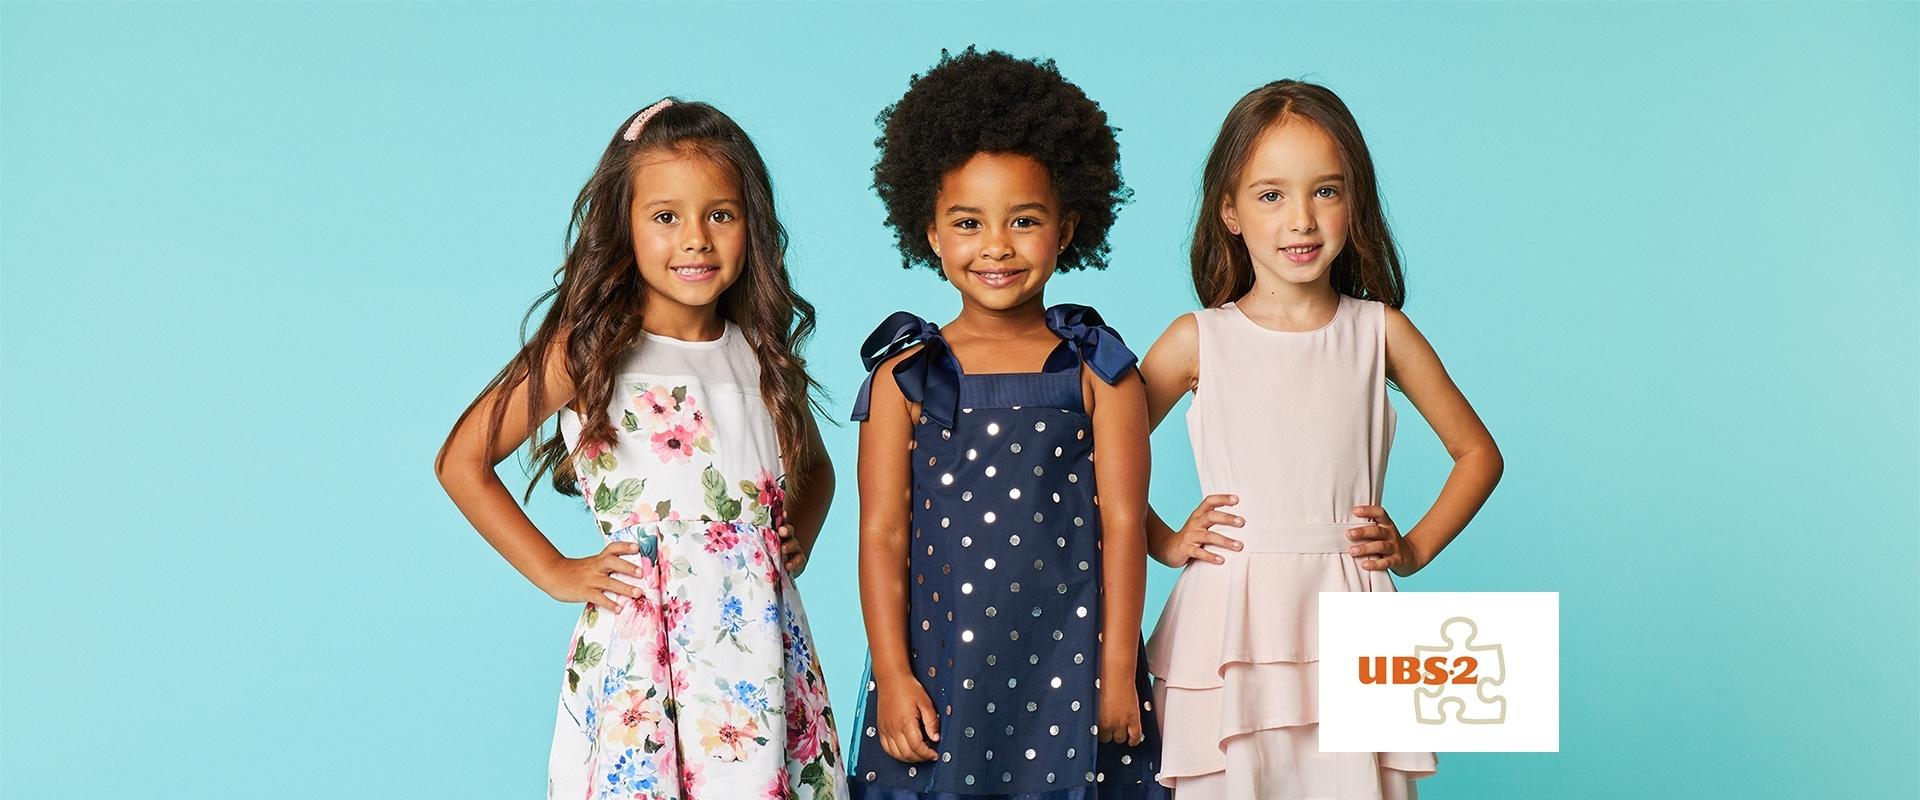 UBS2 Spanische Kids Fashion Brand